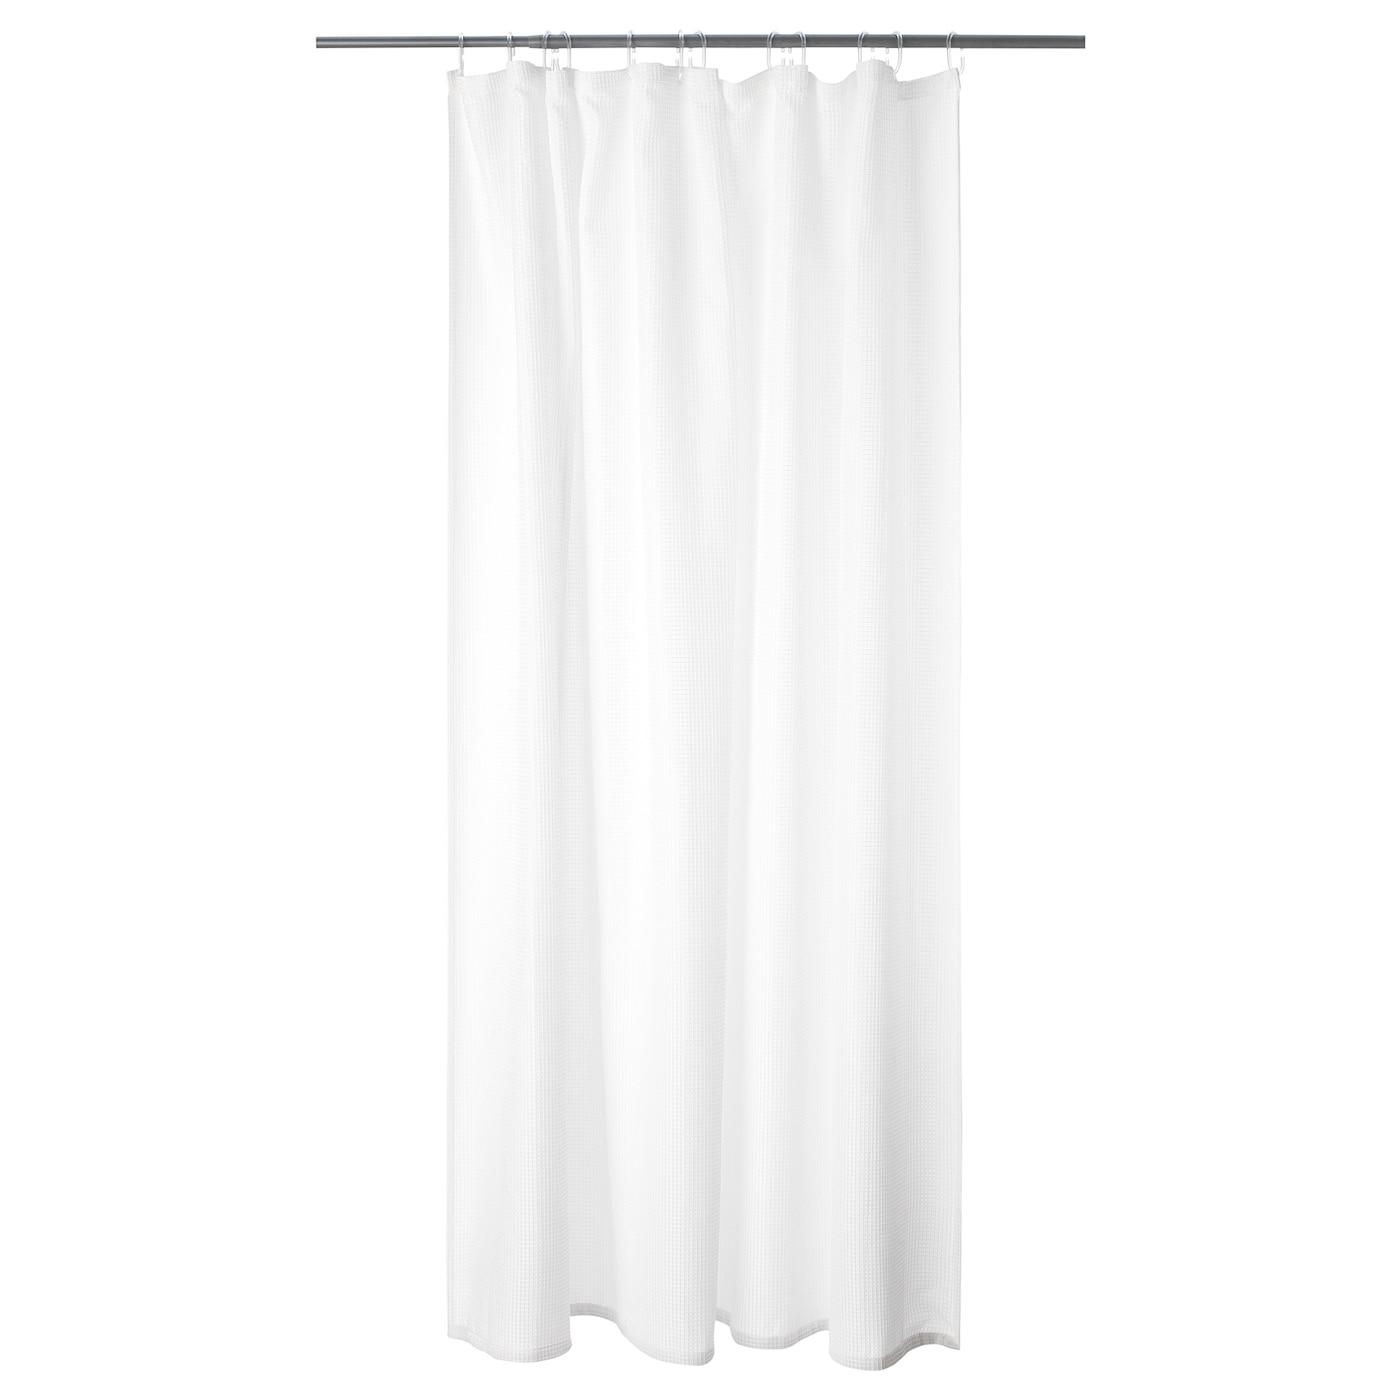 """ADDARN Rideau de douche - blanc 18x18 """" (18x18 cm)"""